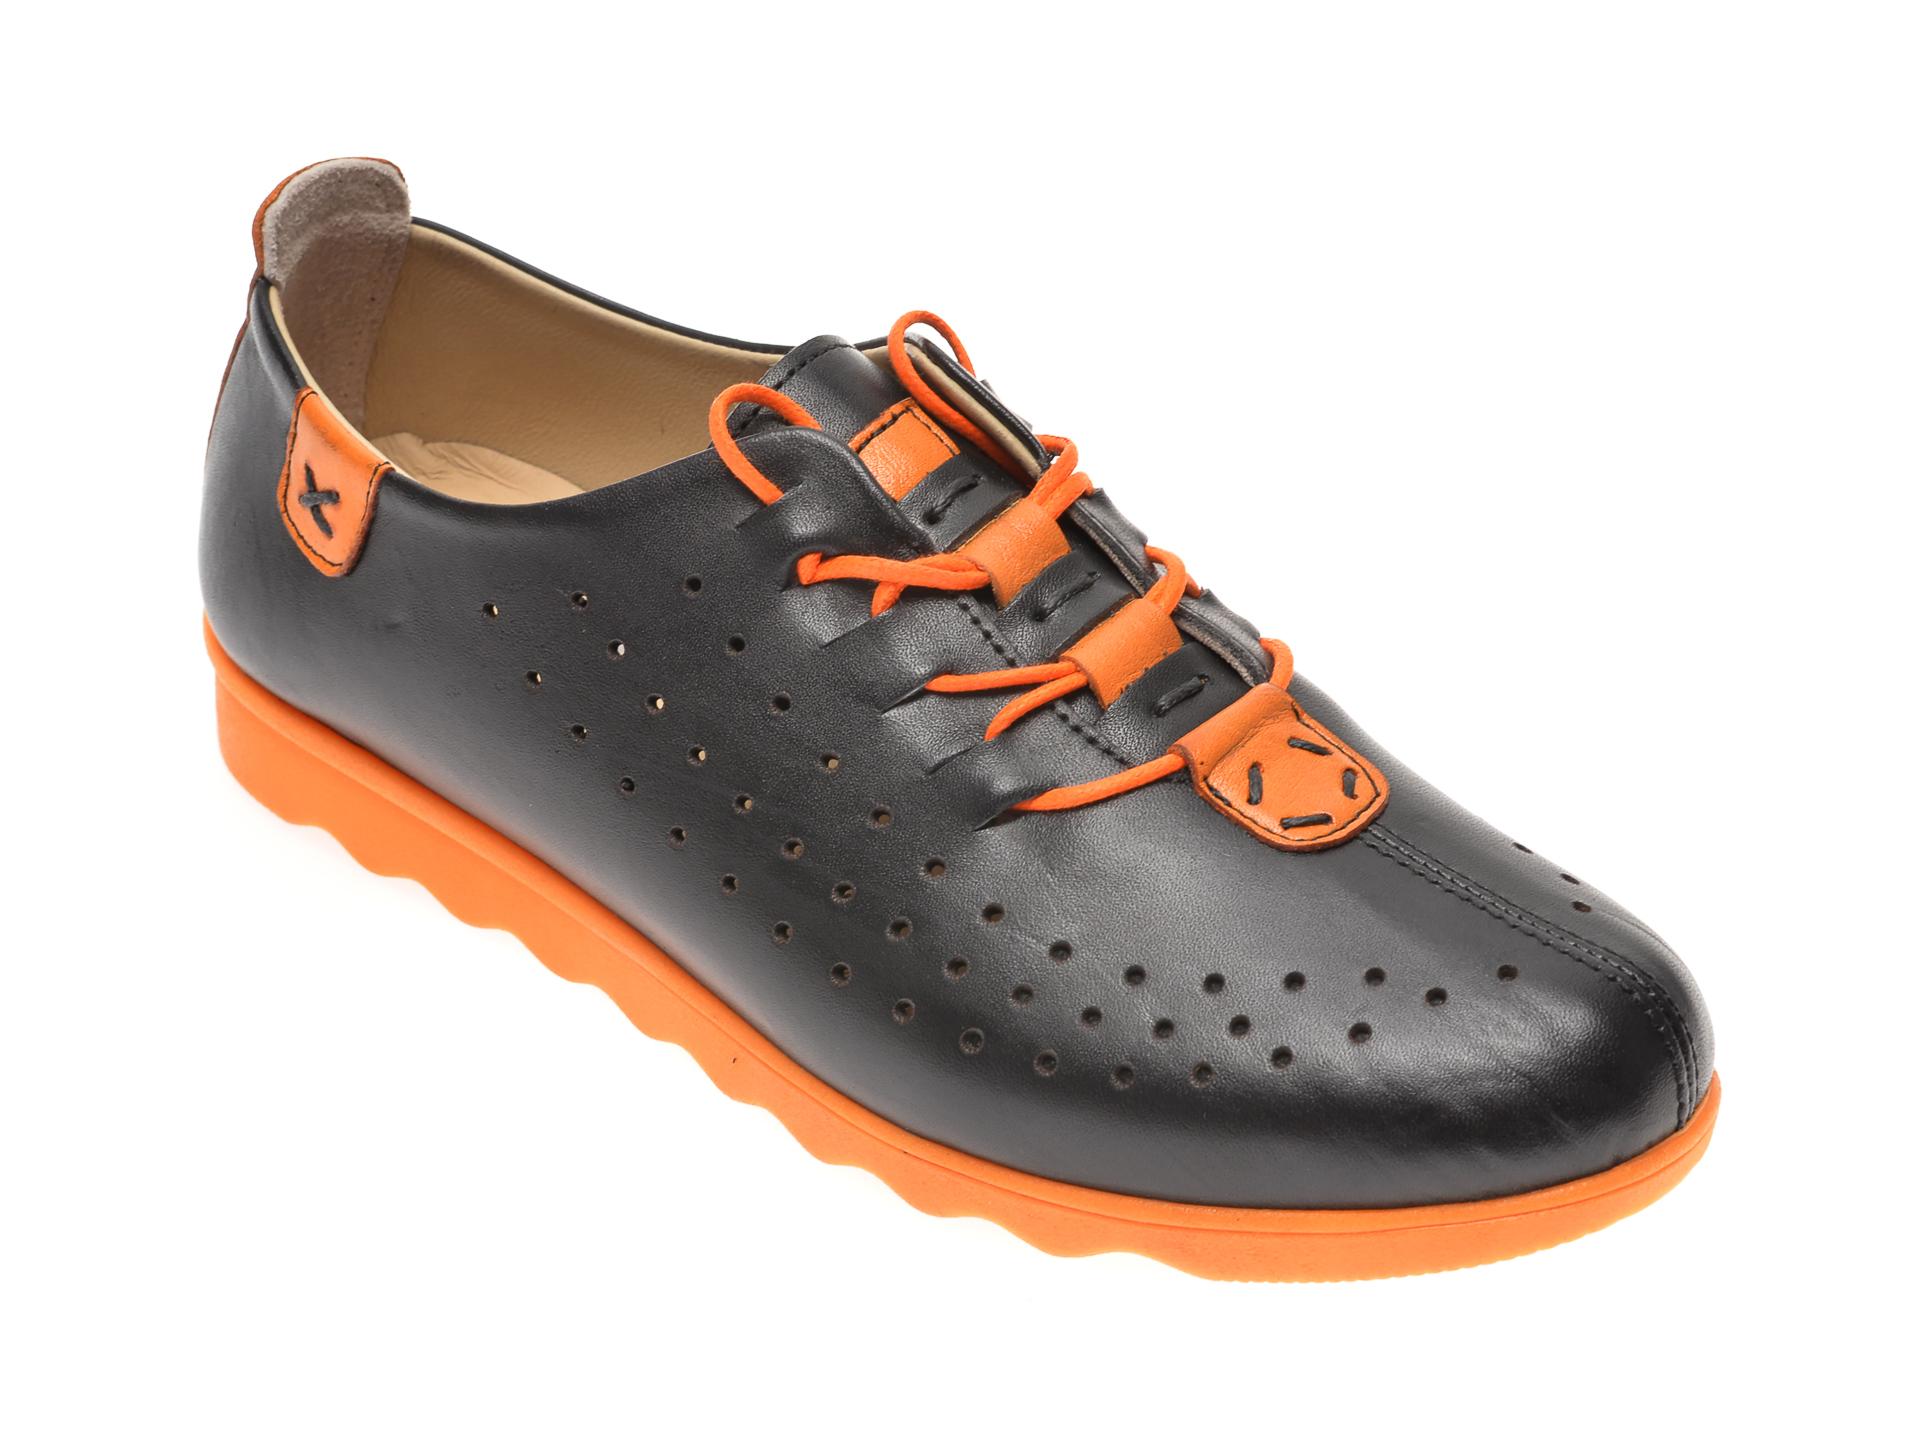 Pantofi PASS COLLECTION negri, K92101, din piele naturala